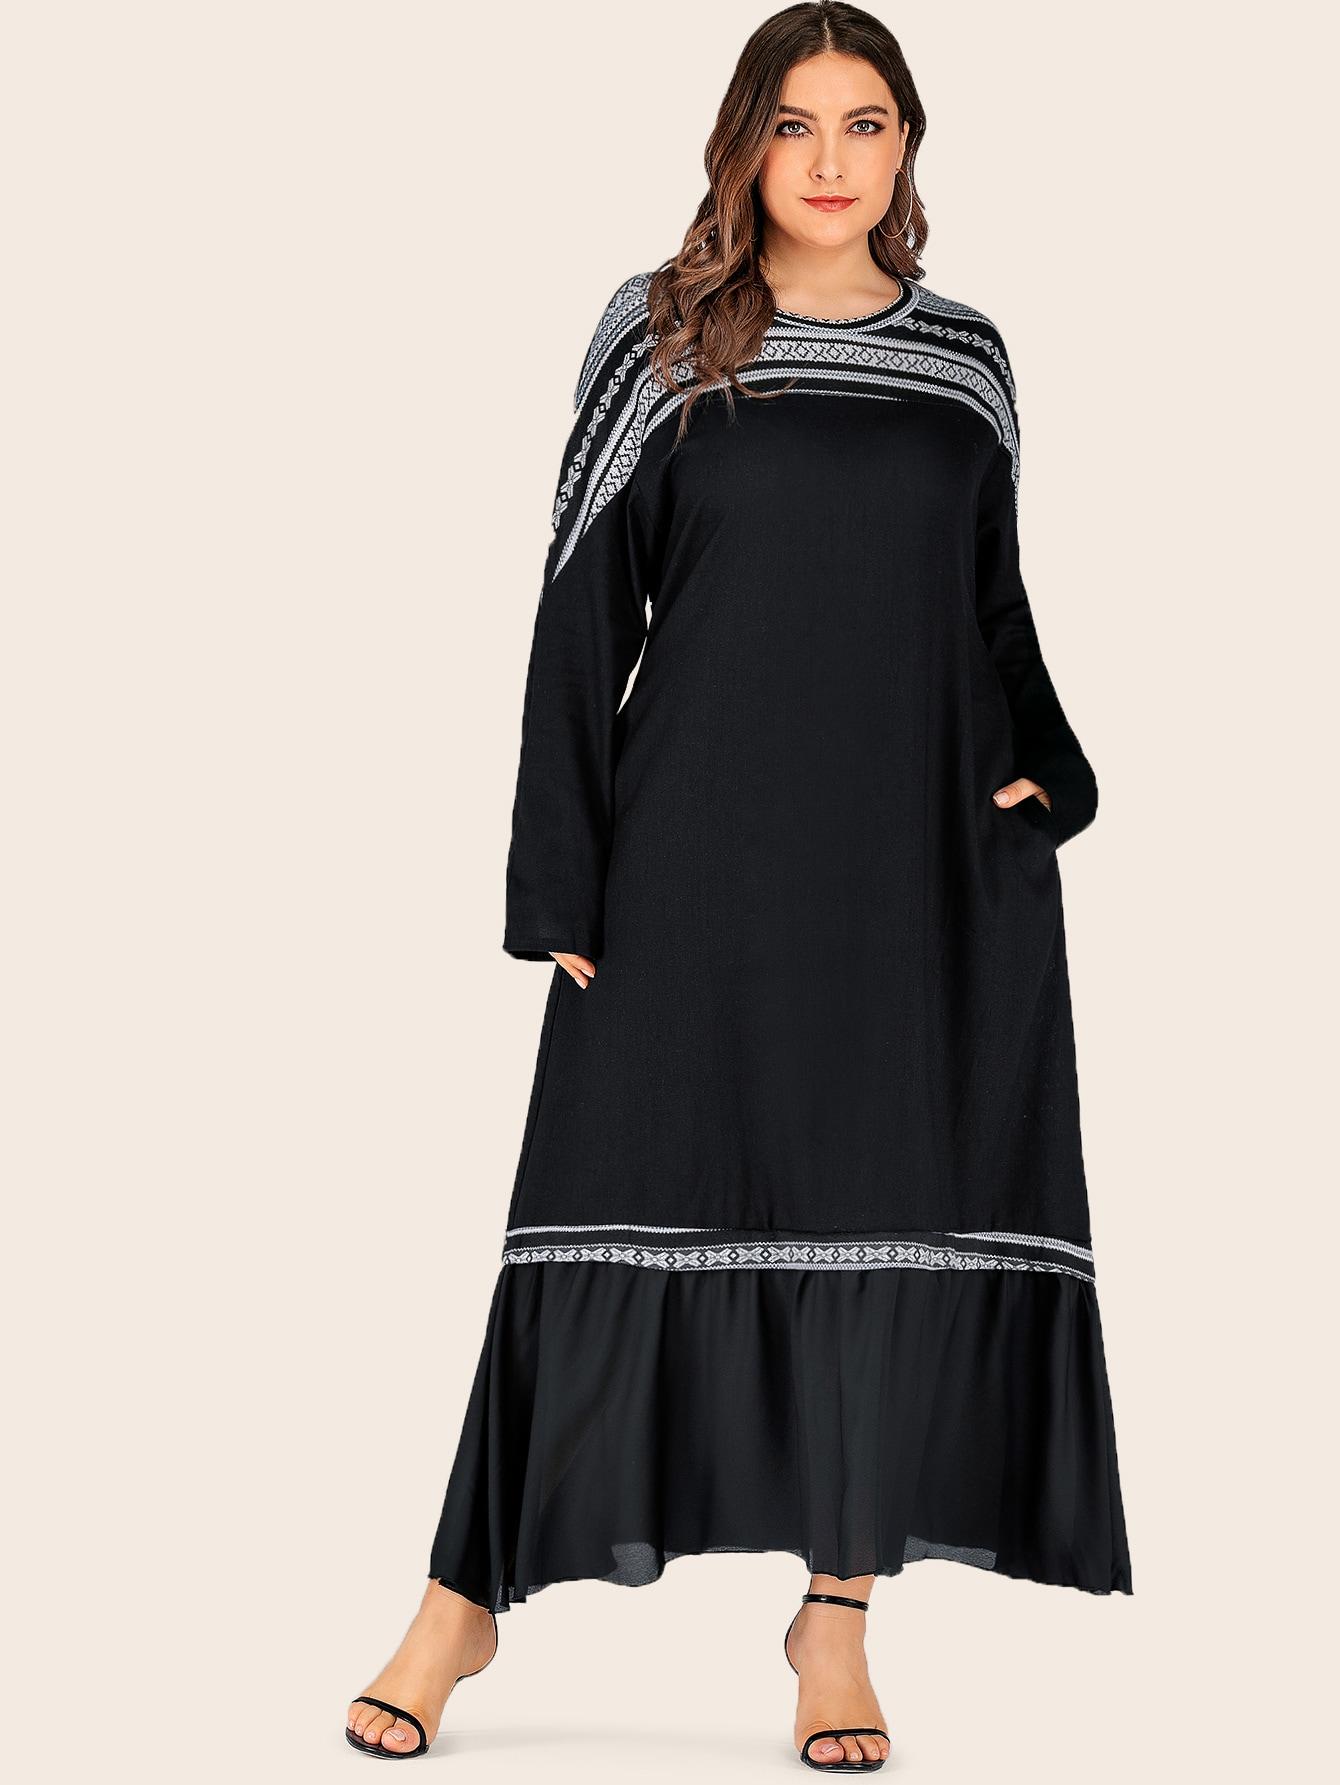 Фото - Длинное платье с модным принтом и оборками размера плюс от SheIn цвет чёрные